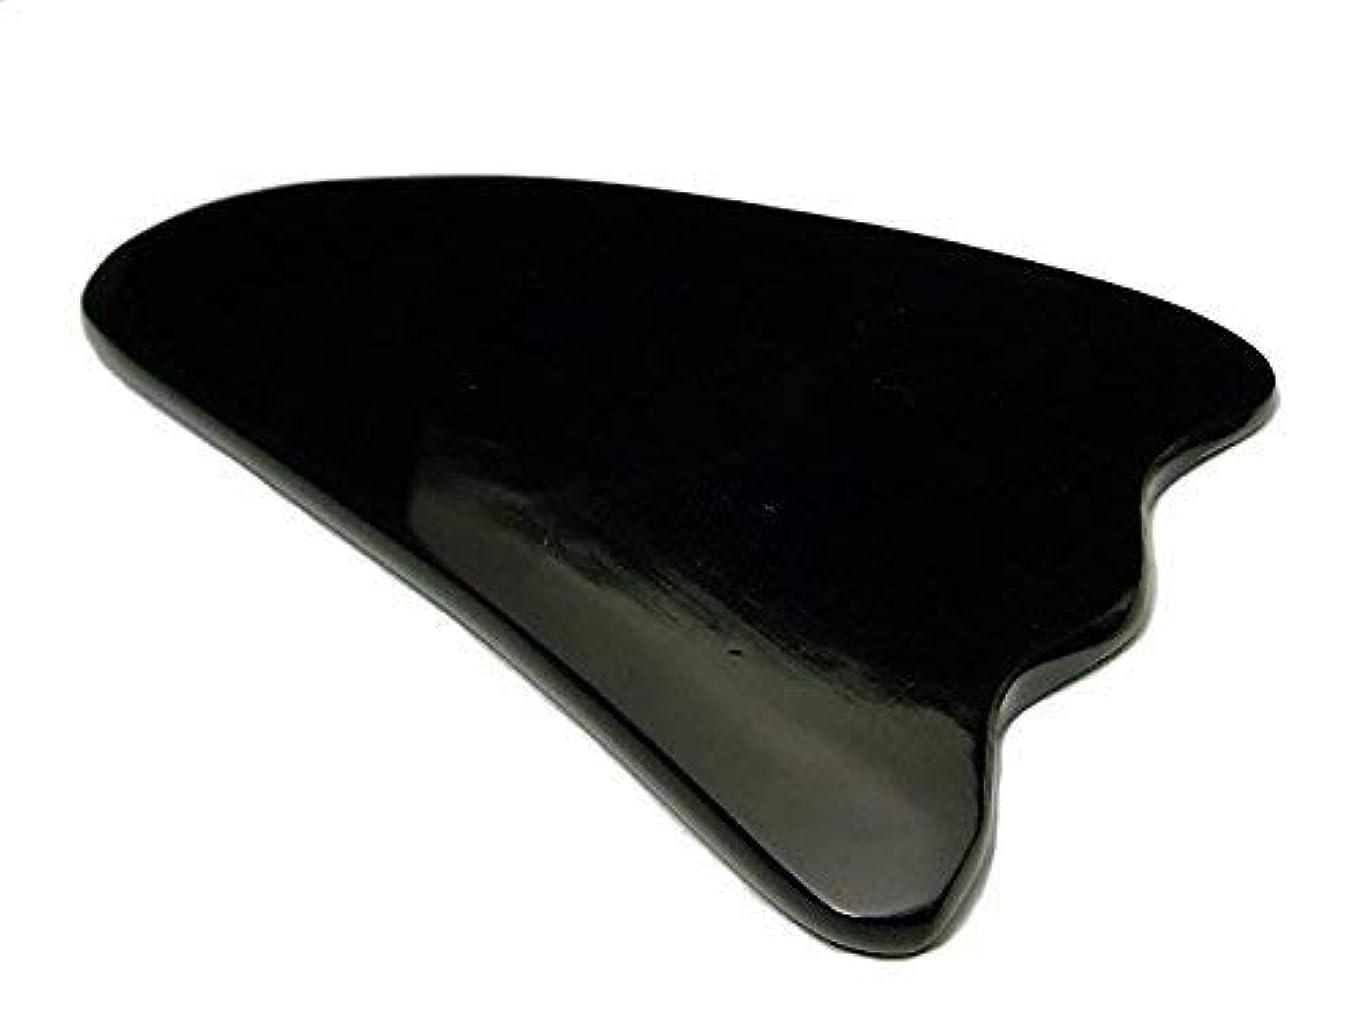 一過性空気アサーかっさプレート k3-5C 水牛の角(黒水牛角) 羽 ポーチ付き 美肌 美顔 美容 マッサージ用 天然石 パワーストーン